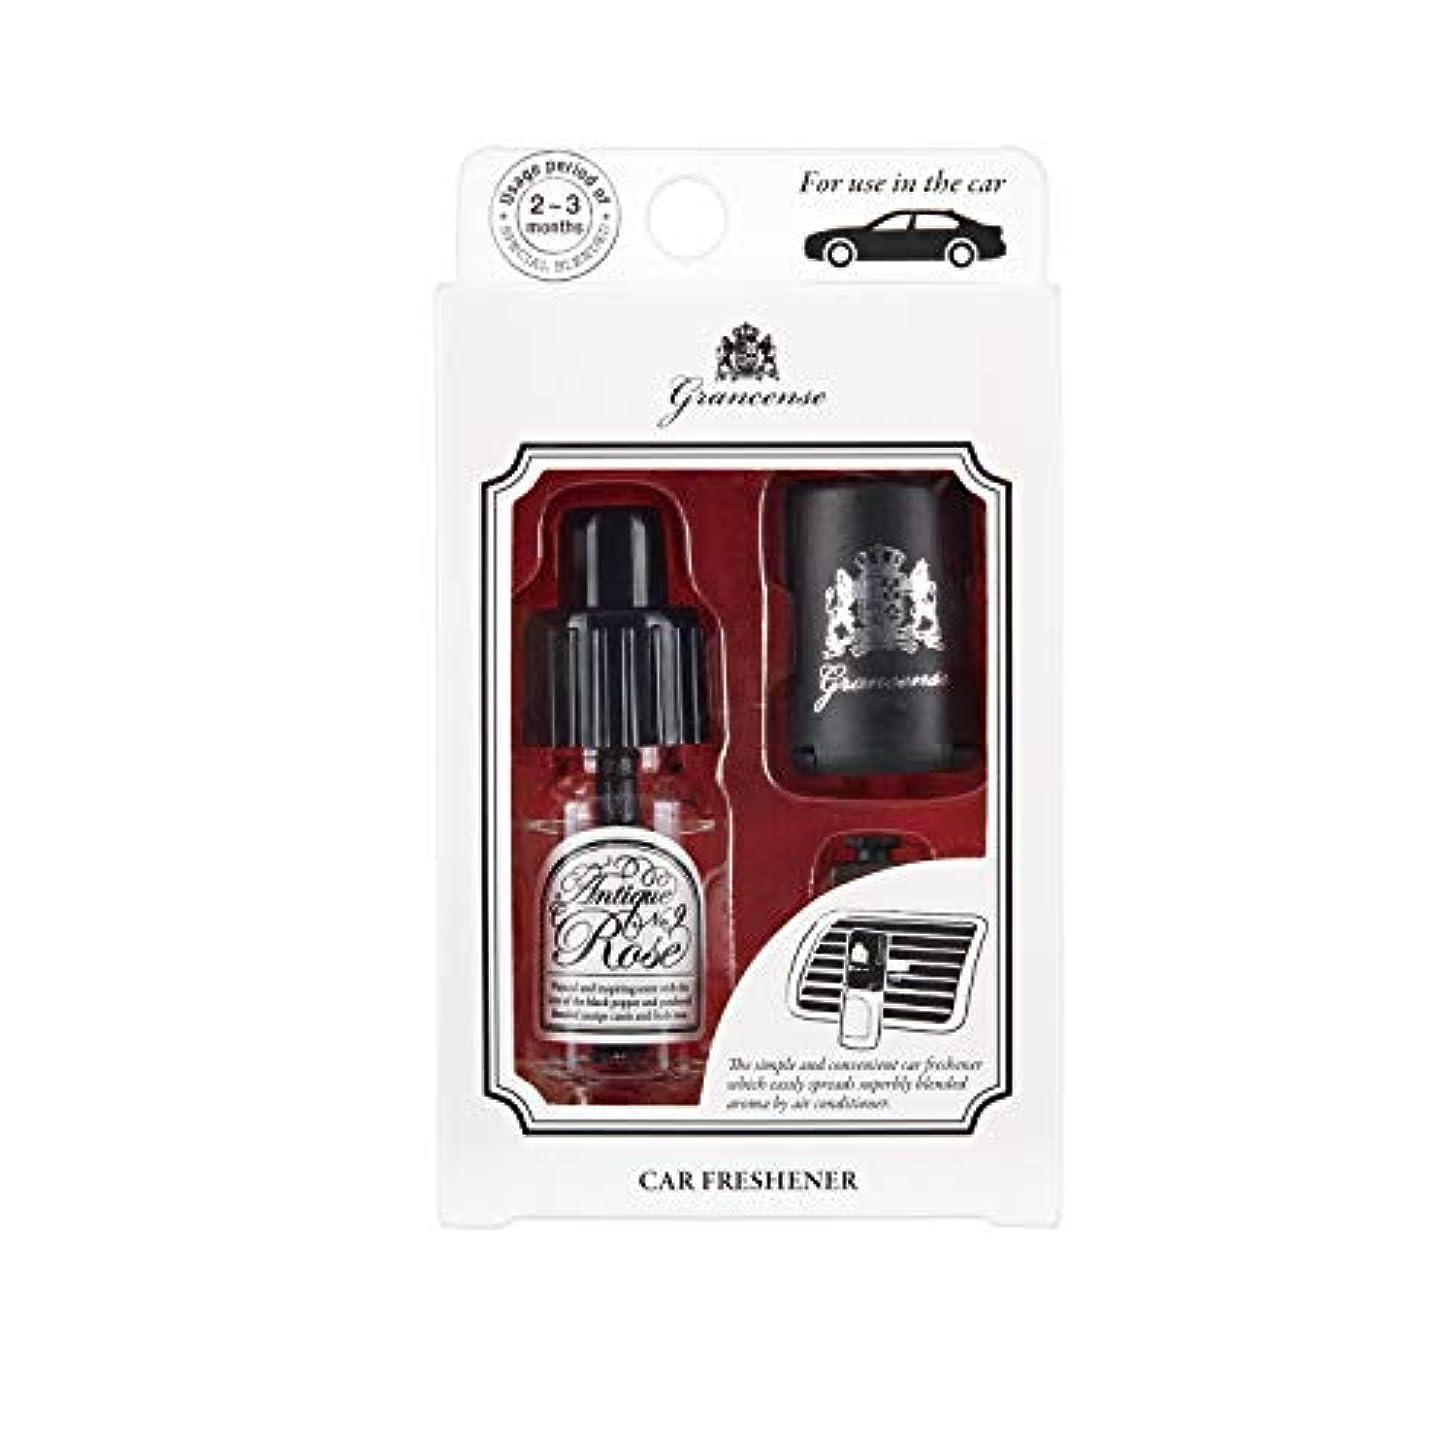 管理者航海の溶けるグランセンス カーフレッシュナー アンティークローズ 10mL (車用芳香剤 カーディフューザー 2-3ヶ月 日本製)